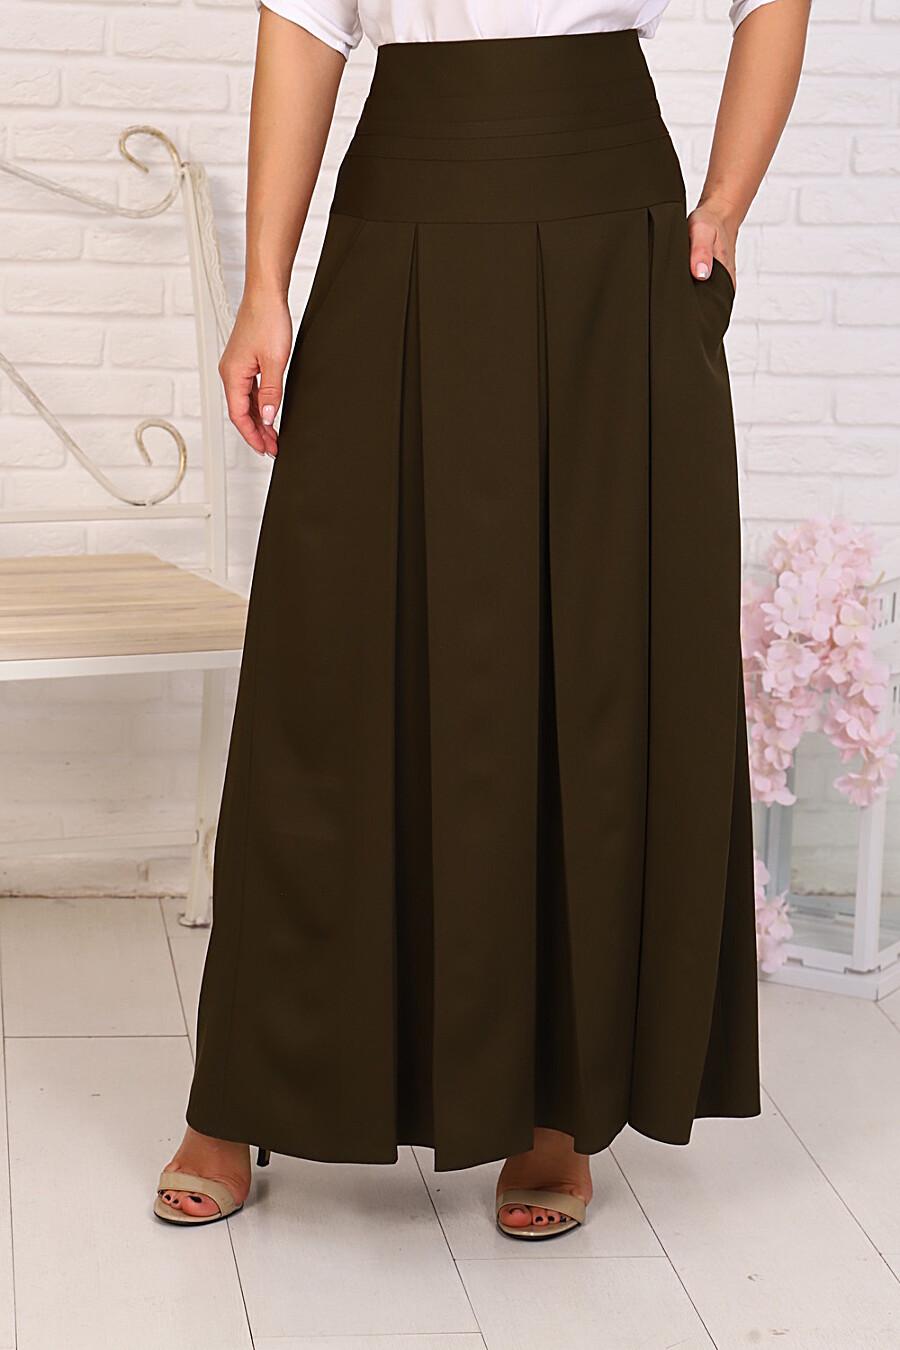 Юбка 0483н для женщин НАТАЛИ 288437 купить оптом от производителя. Совместная покупка женской одежды в OptMoyo